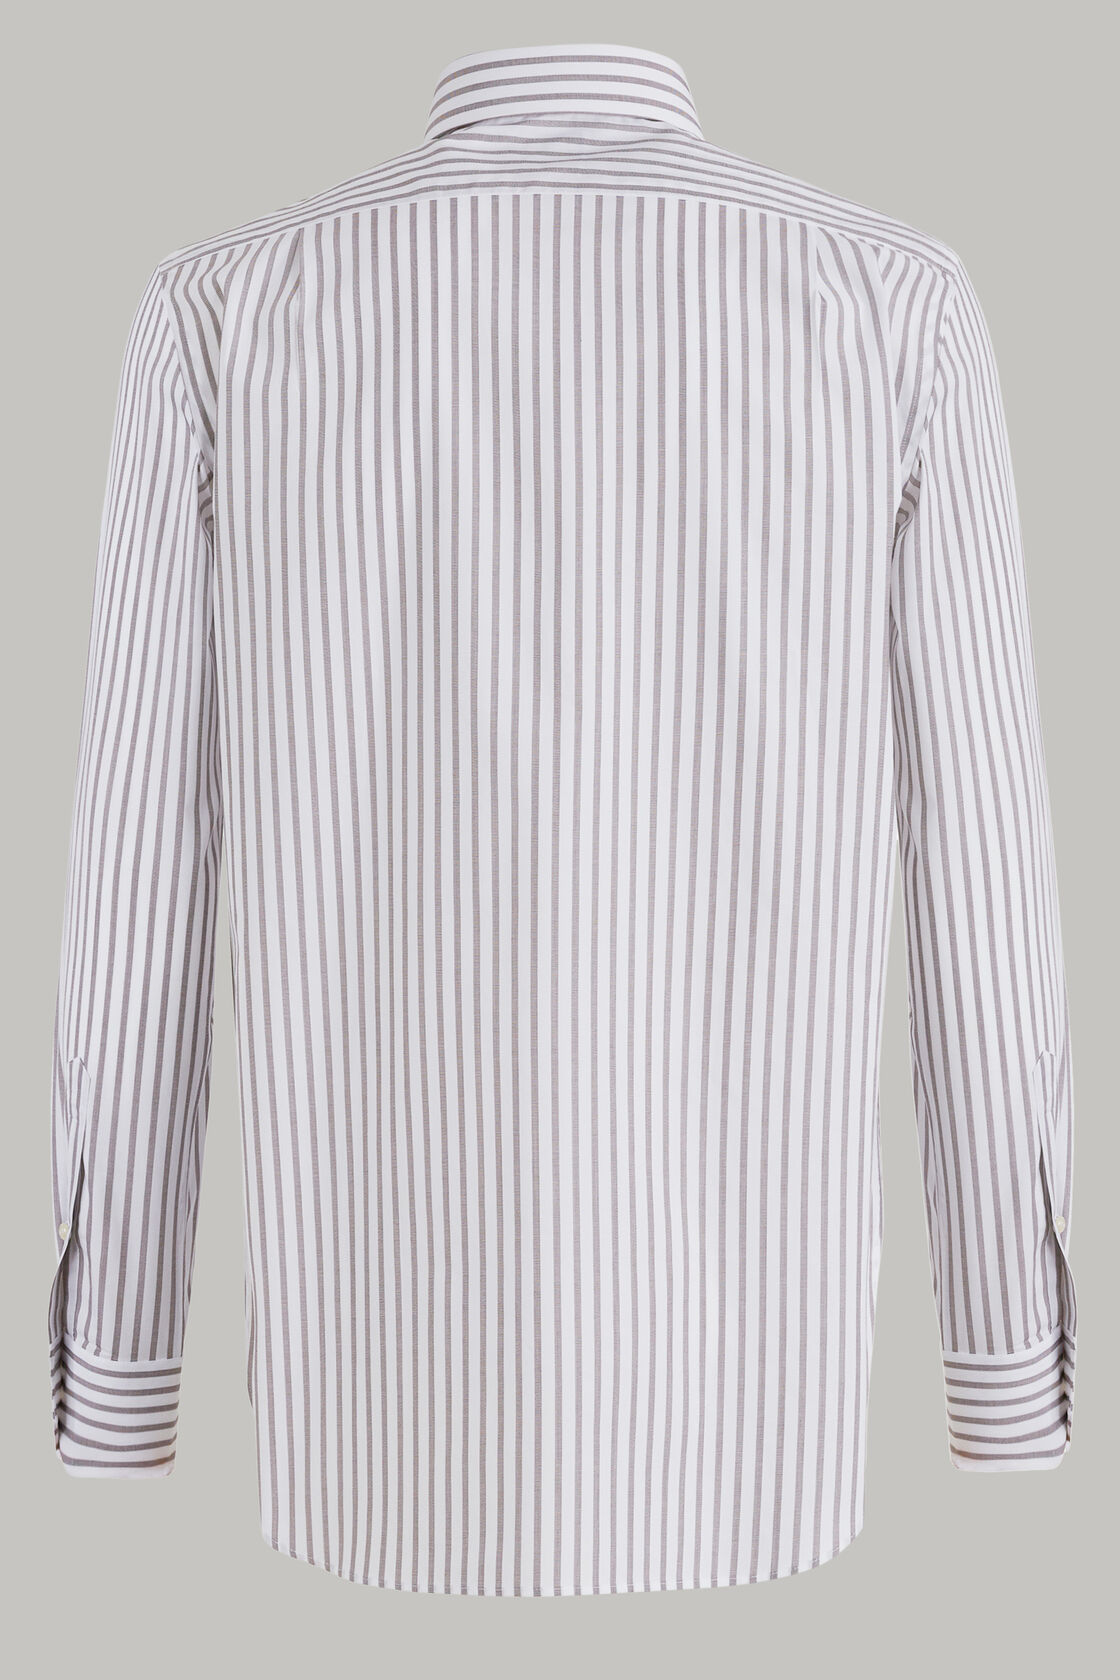 Windsor- kragen hemd mit dunkelbraunen streifen aus elastischer baumwolle, , hi-res